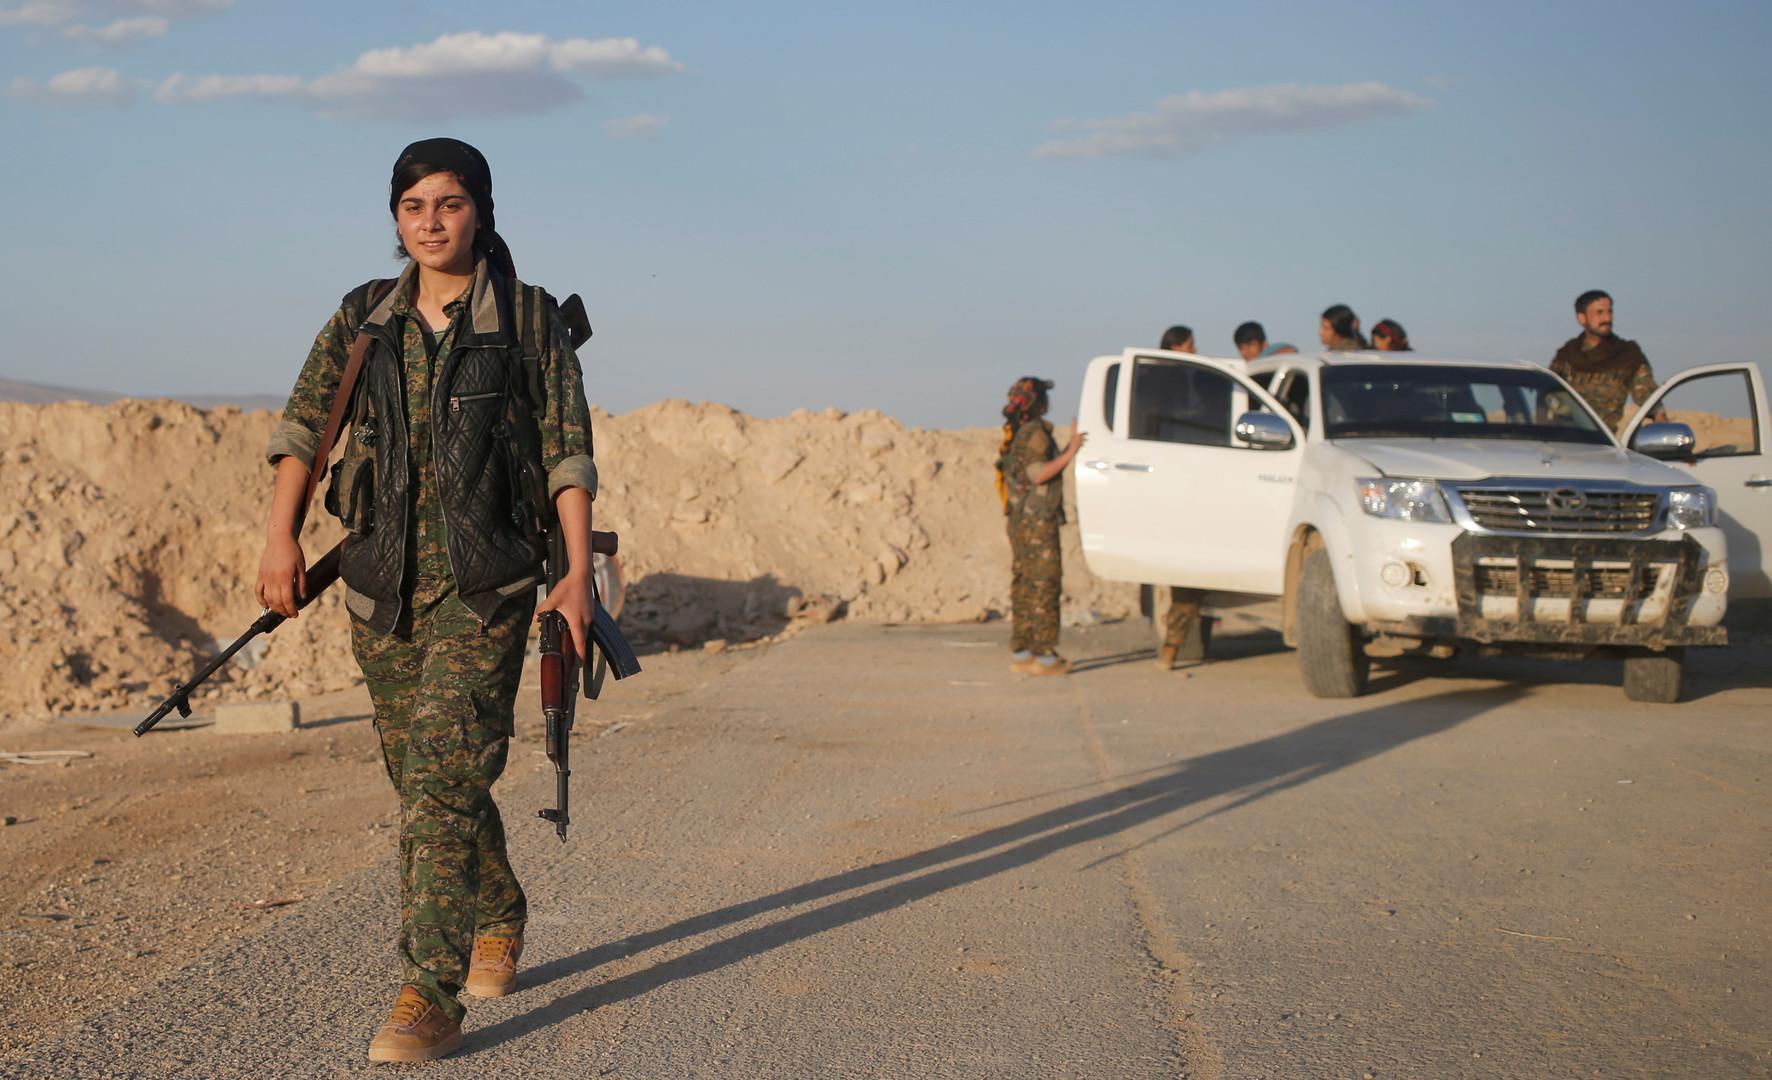 اتفاق أممي مع وحدات حماية الشعب الكردية على عدم تجنيد الأطفال كمقاتلين